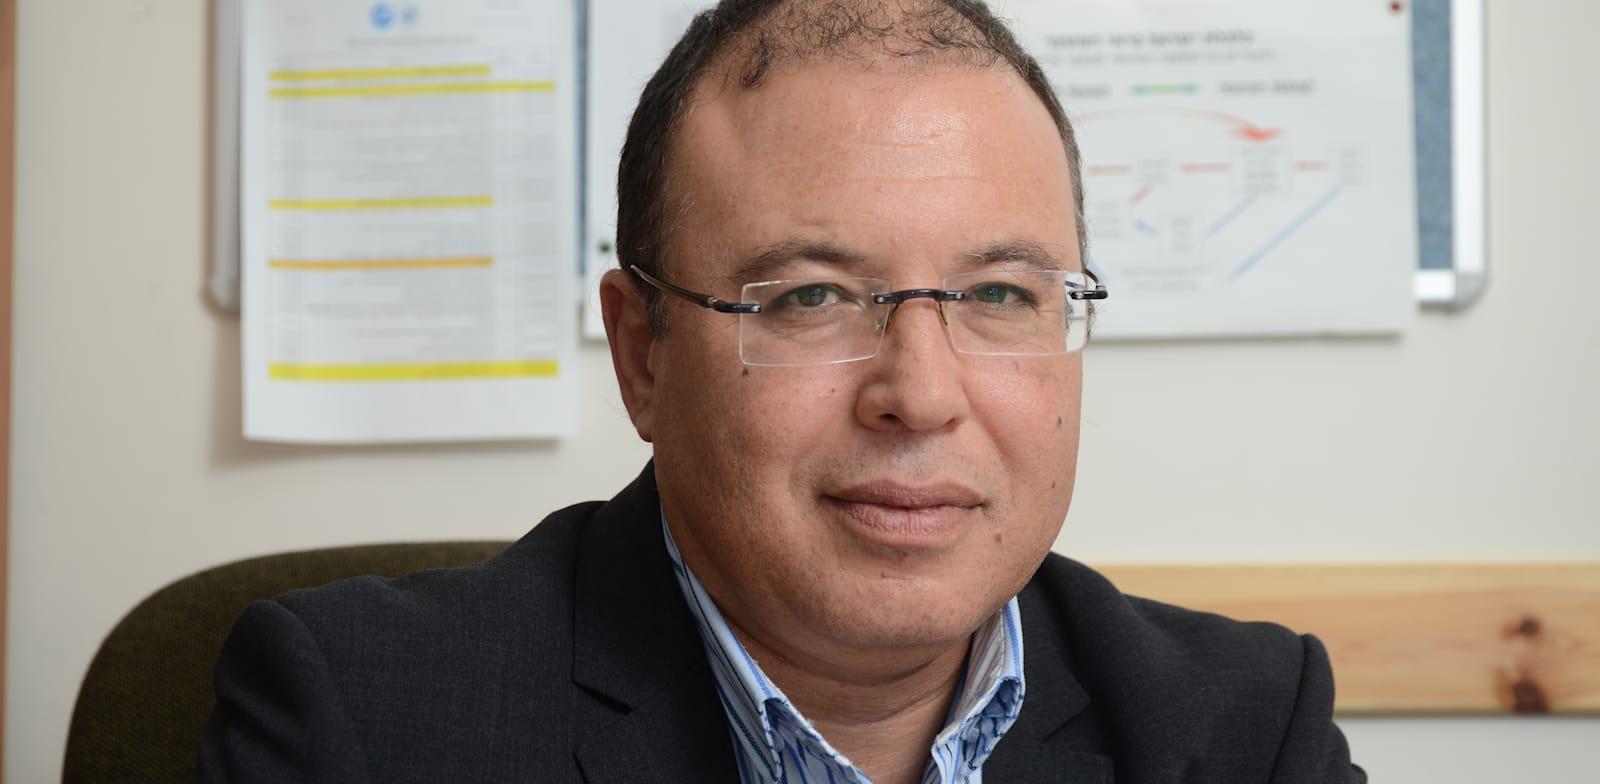 ד''ר גולן בניטה, ראש מטה נגיד בנק ישראל / צילום: איל יצהר